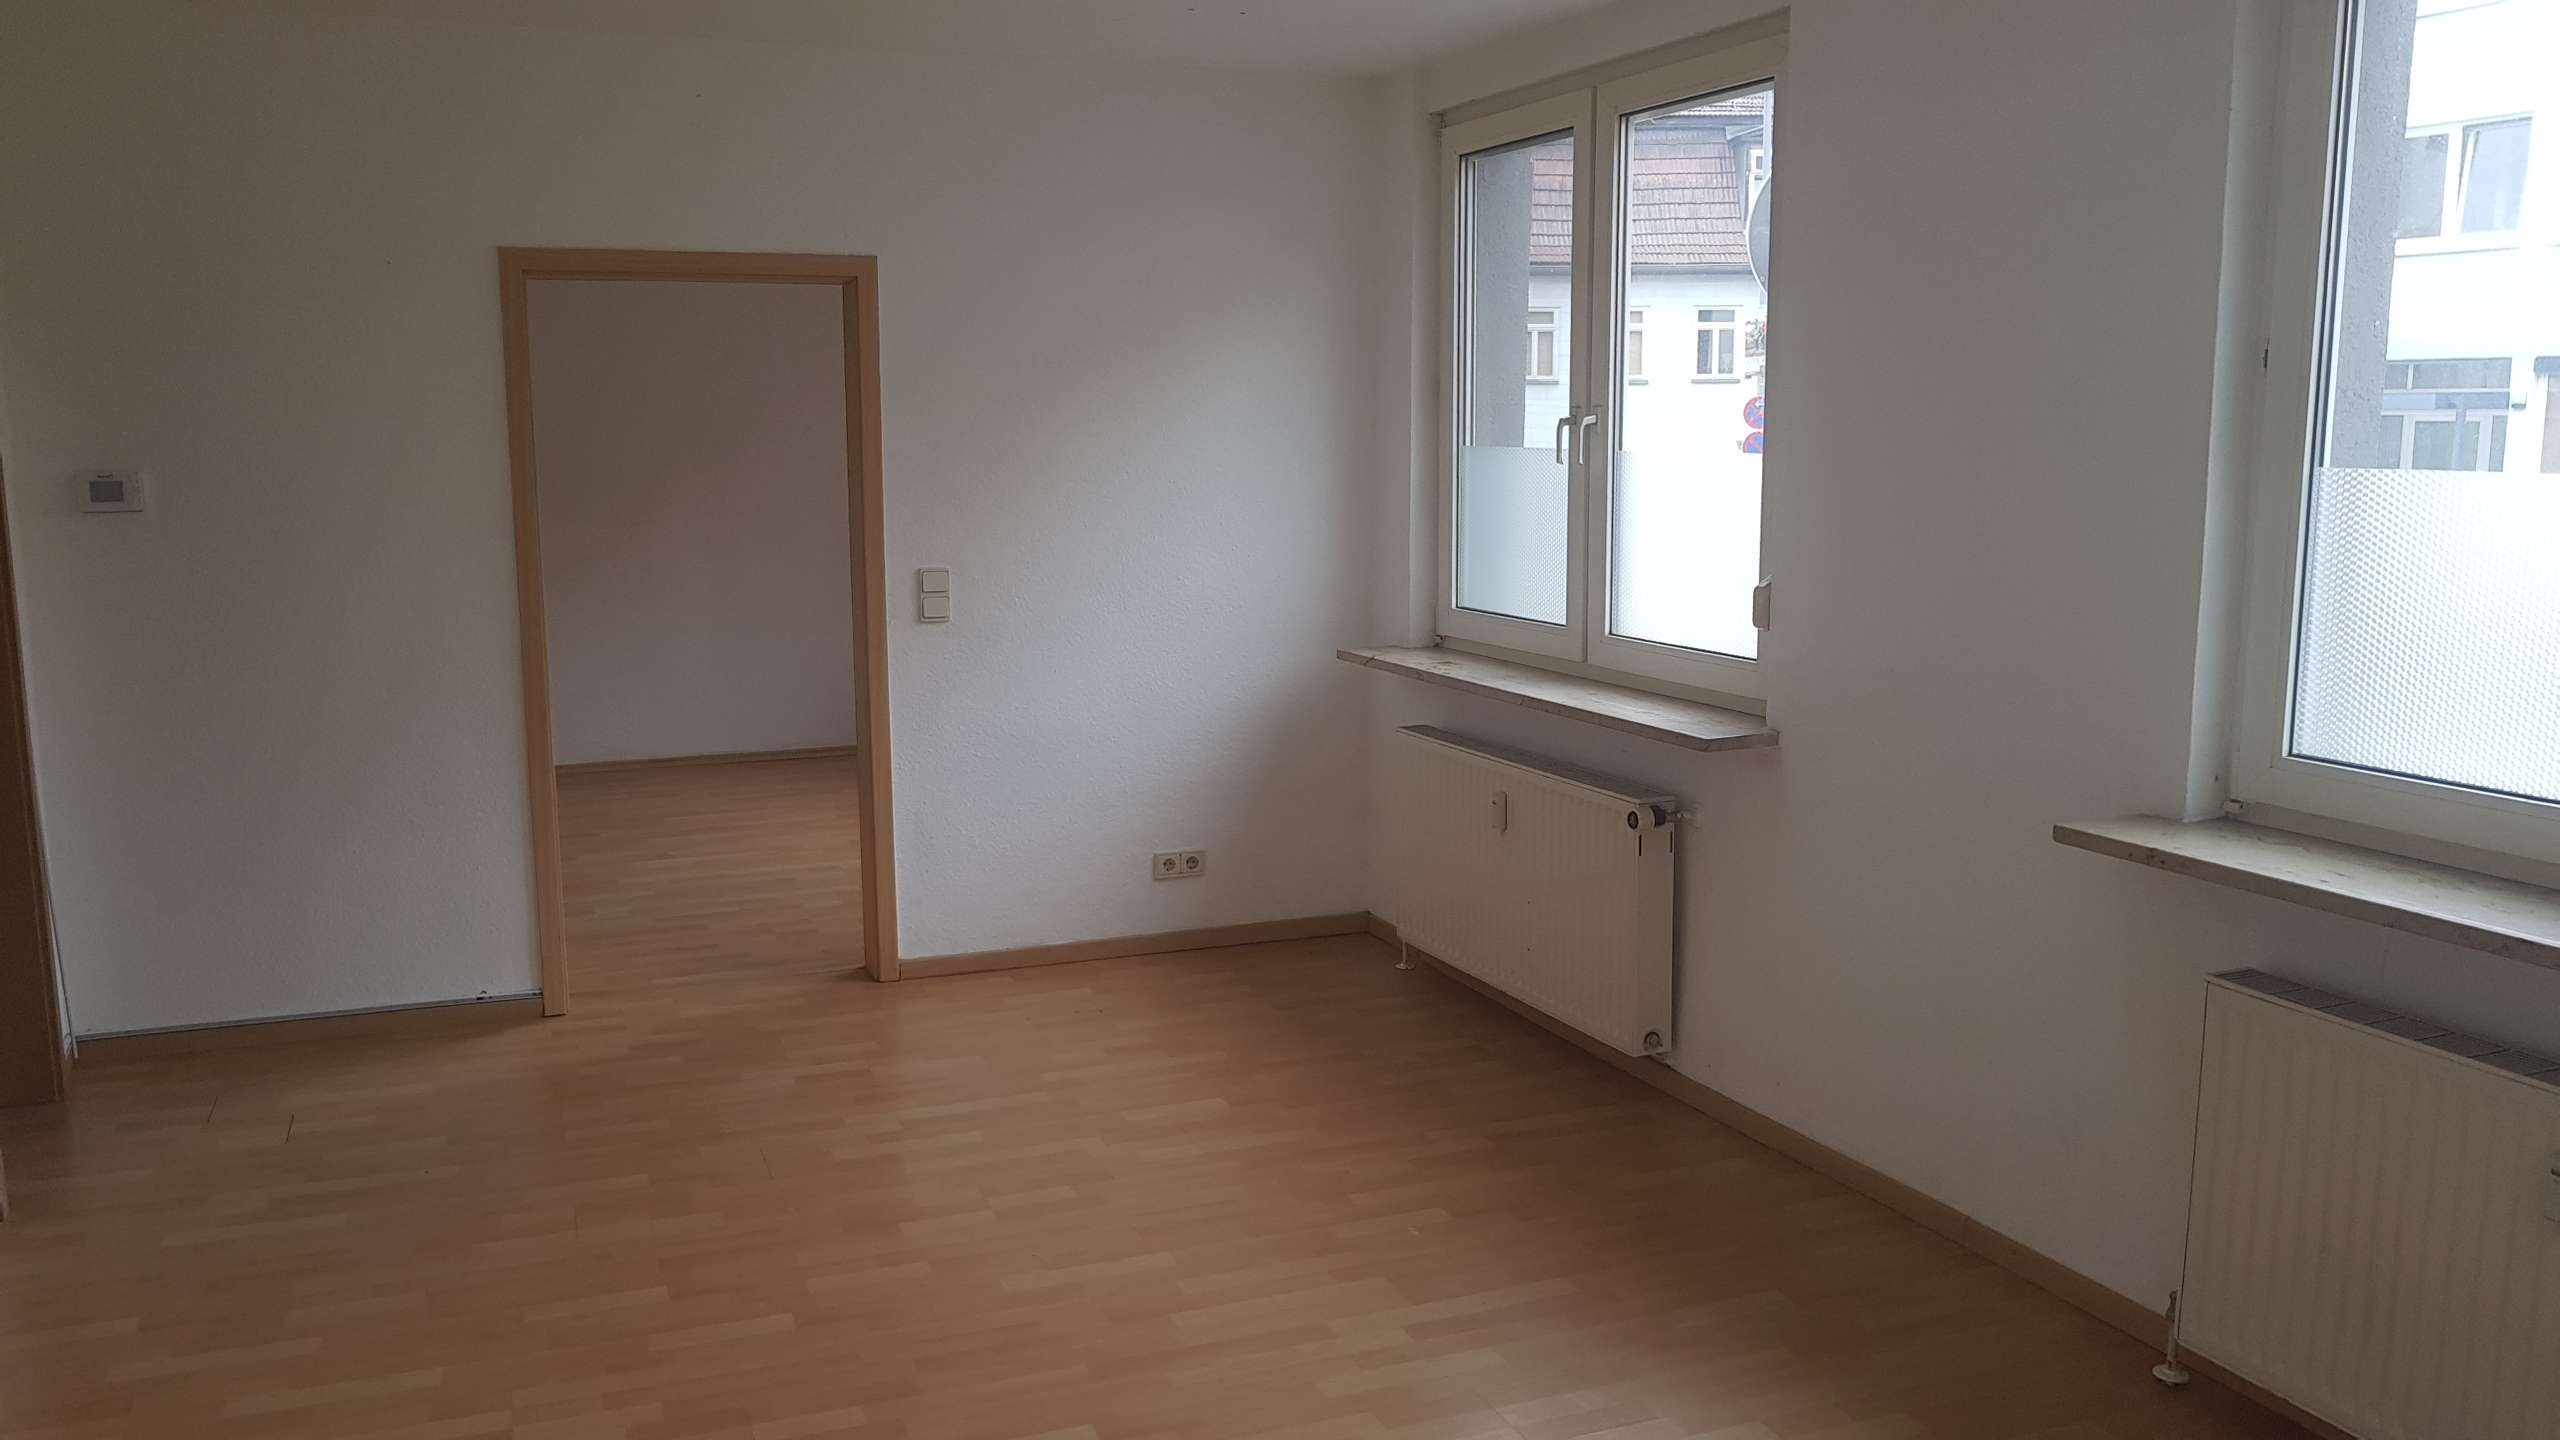 *Ihr neues Zuhause! 3 Zi. Wohnung mit 77m² in Coburg zentrumsnah* in Coburg-Zentrum (Coburg)